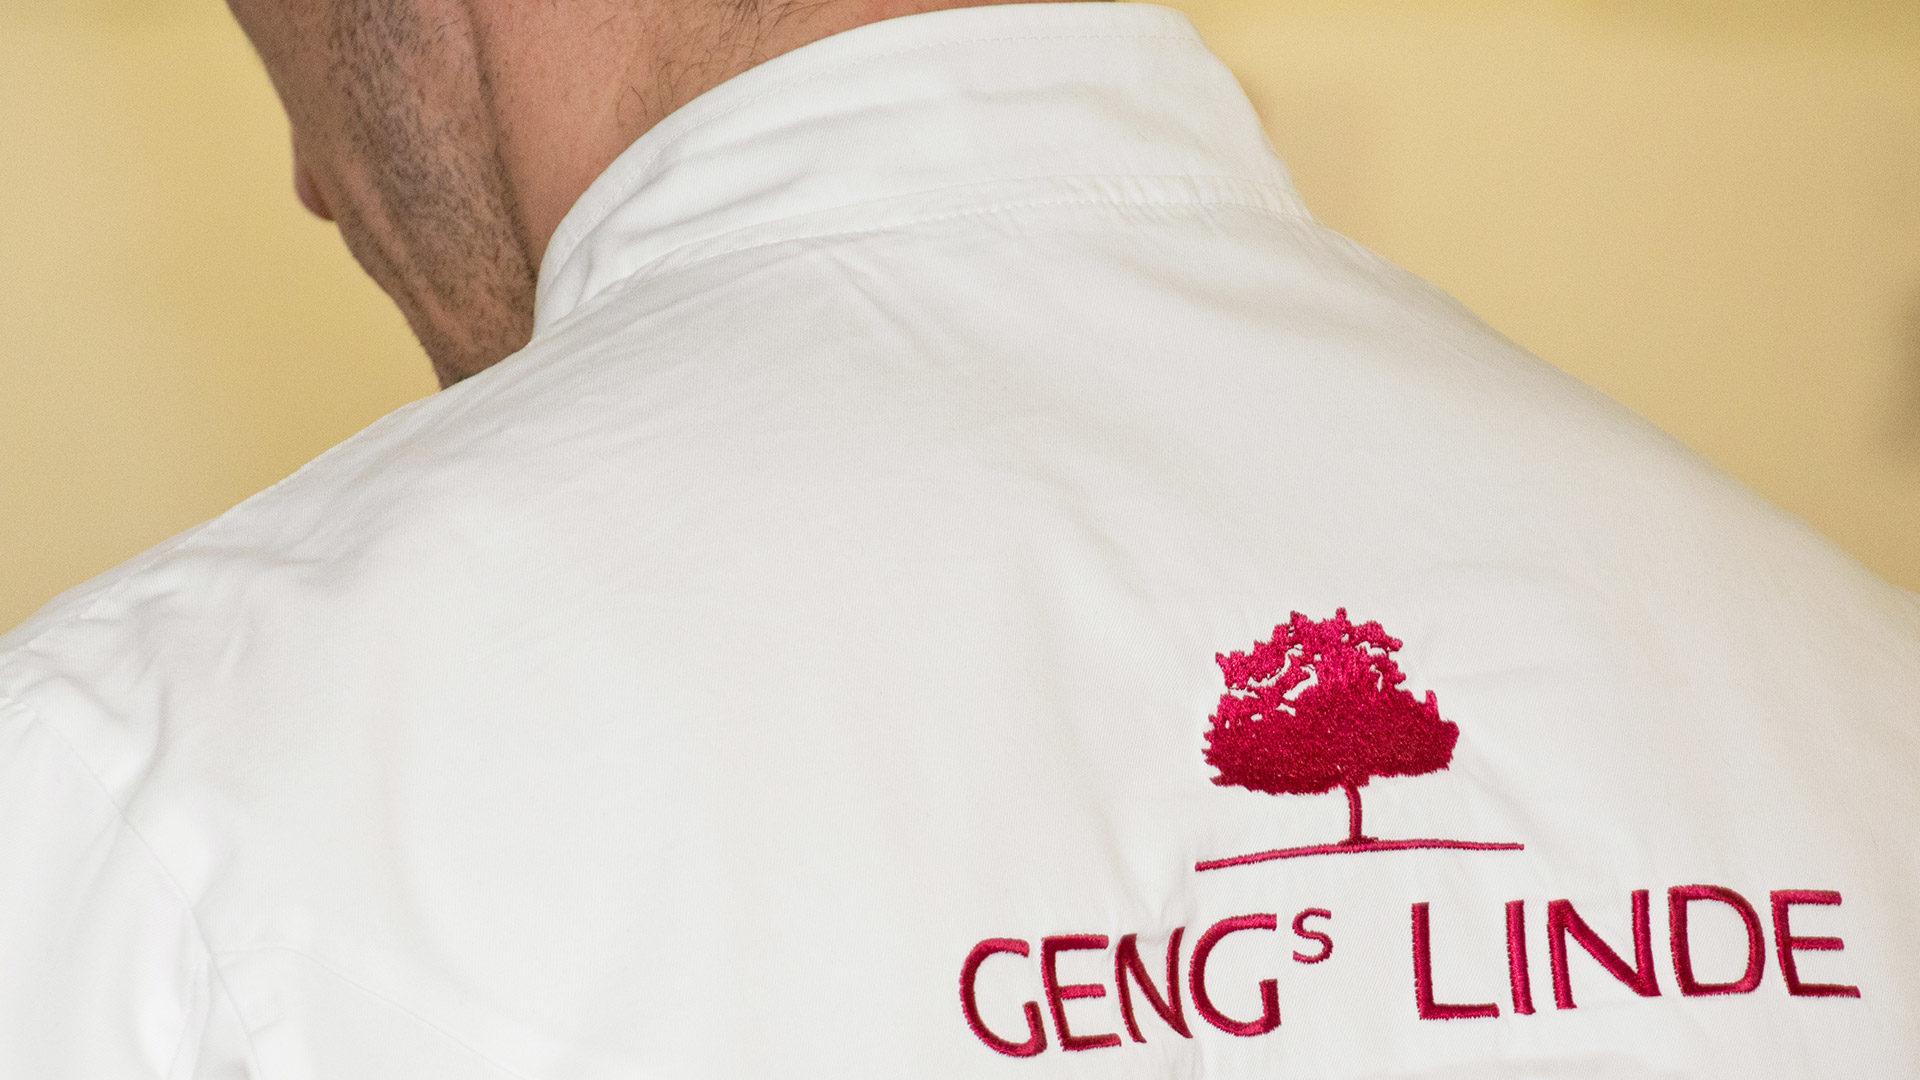 Geng's Linde - Jobs